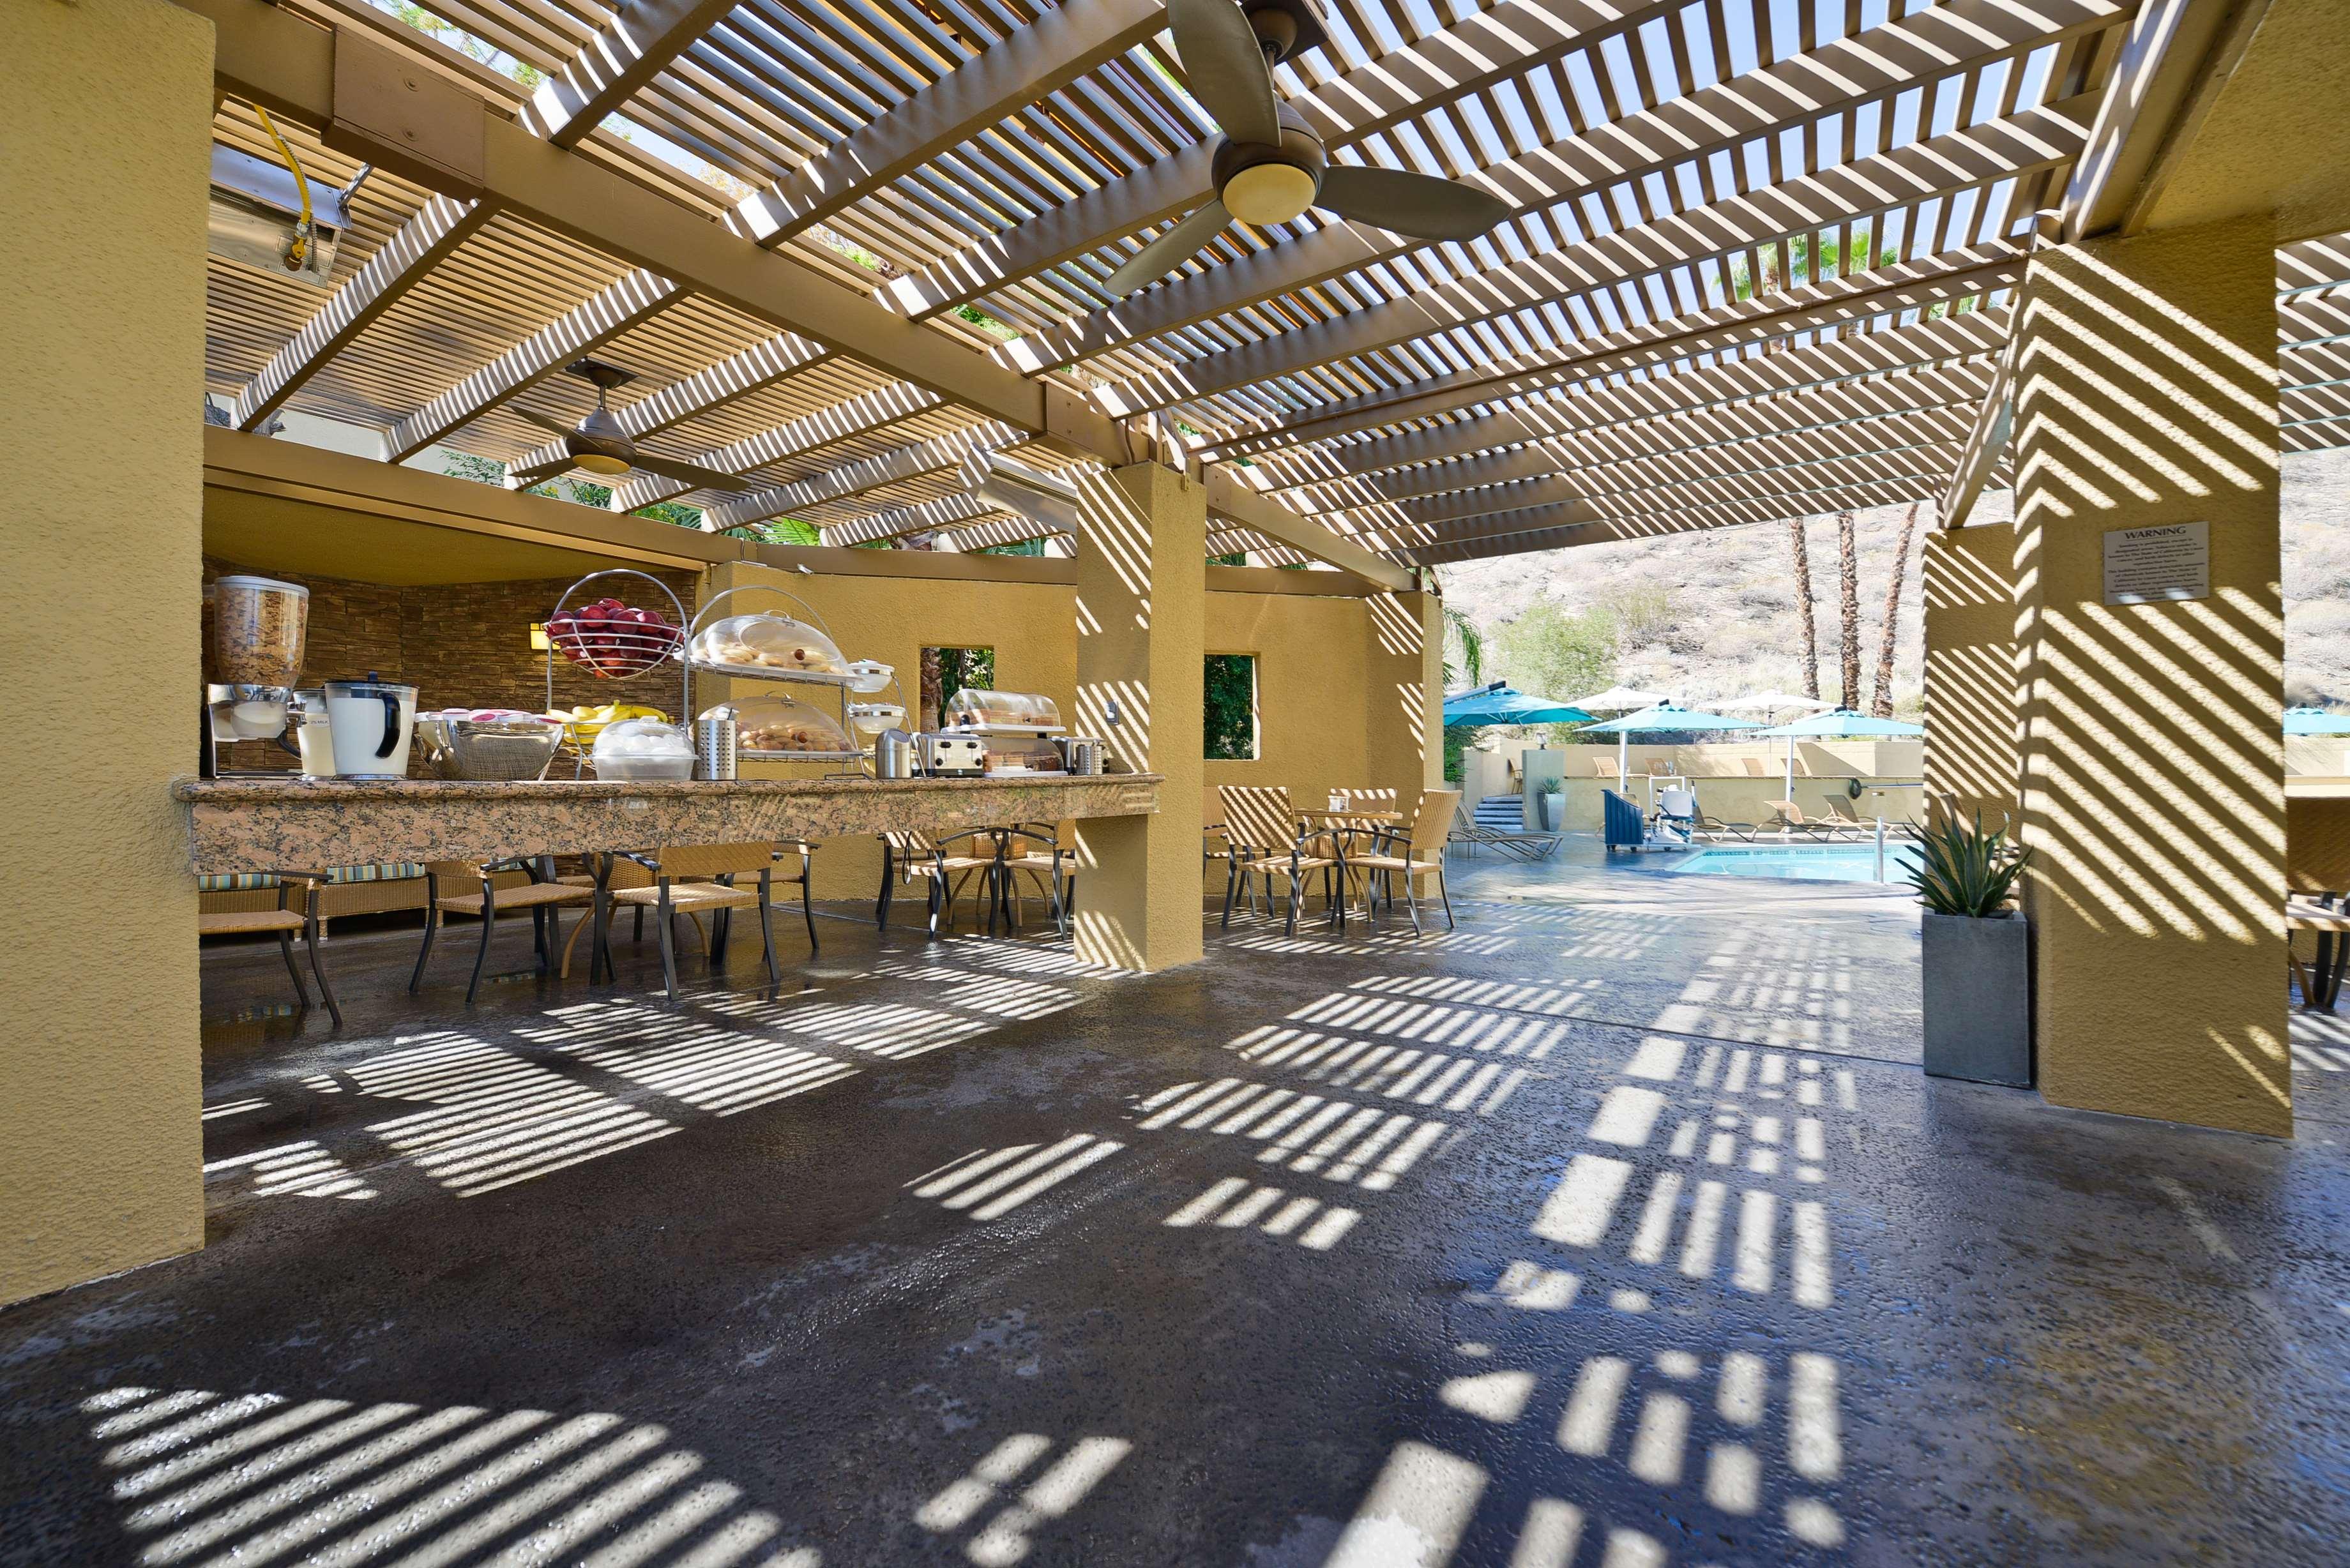 Best Western Inn at Palm Springs image 5